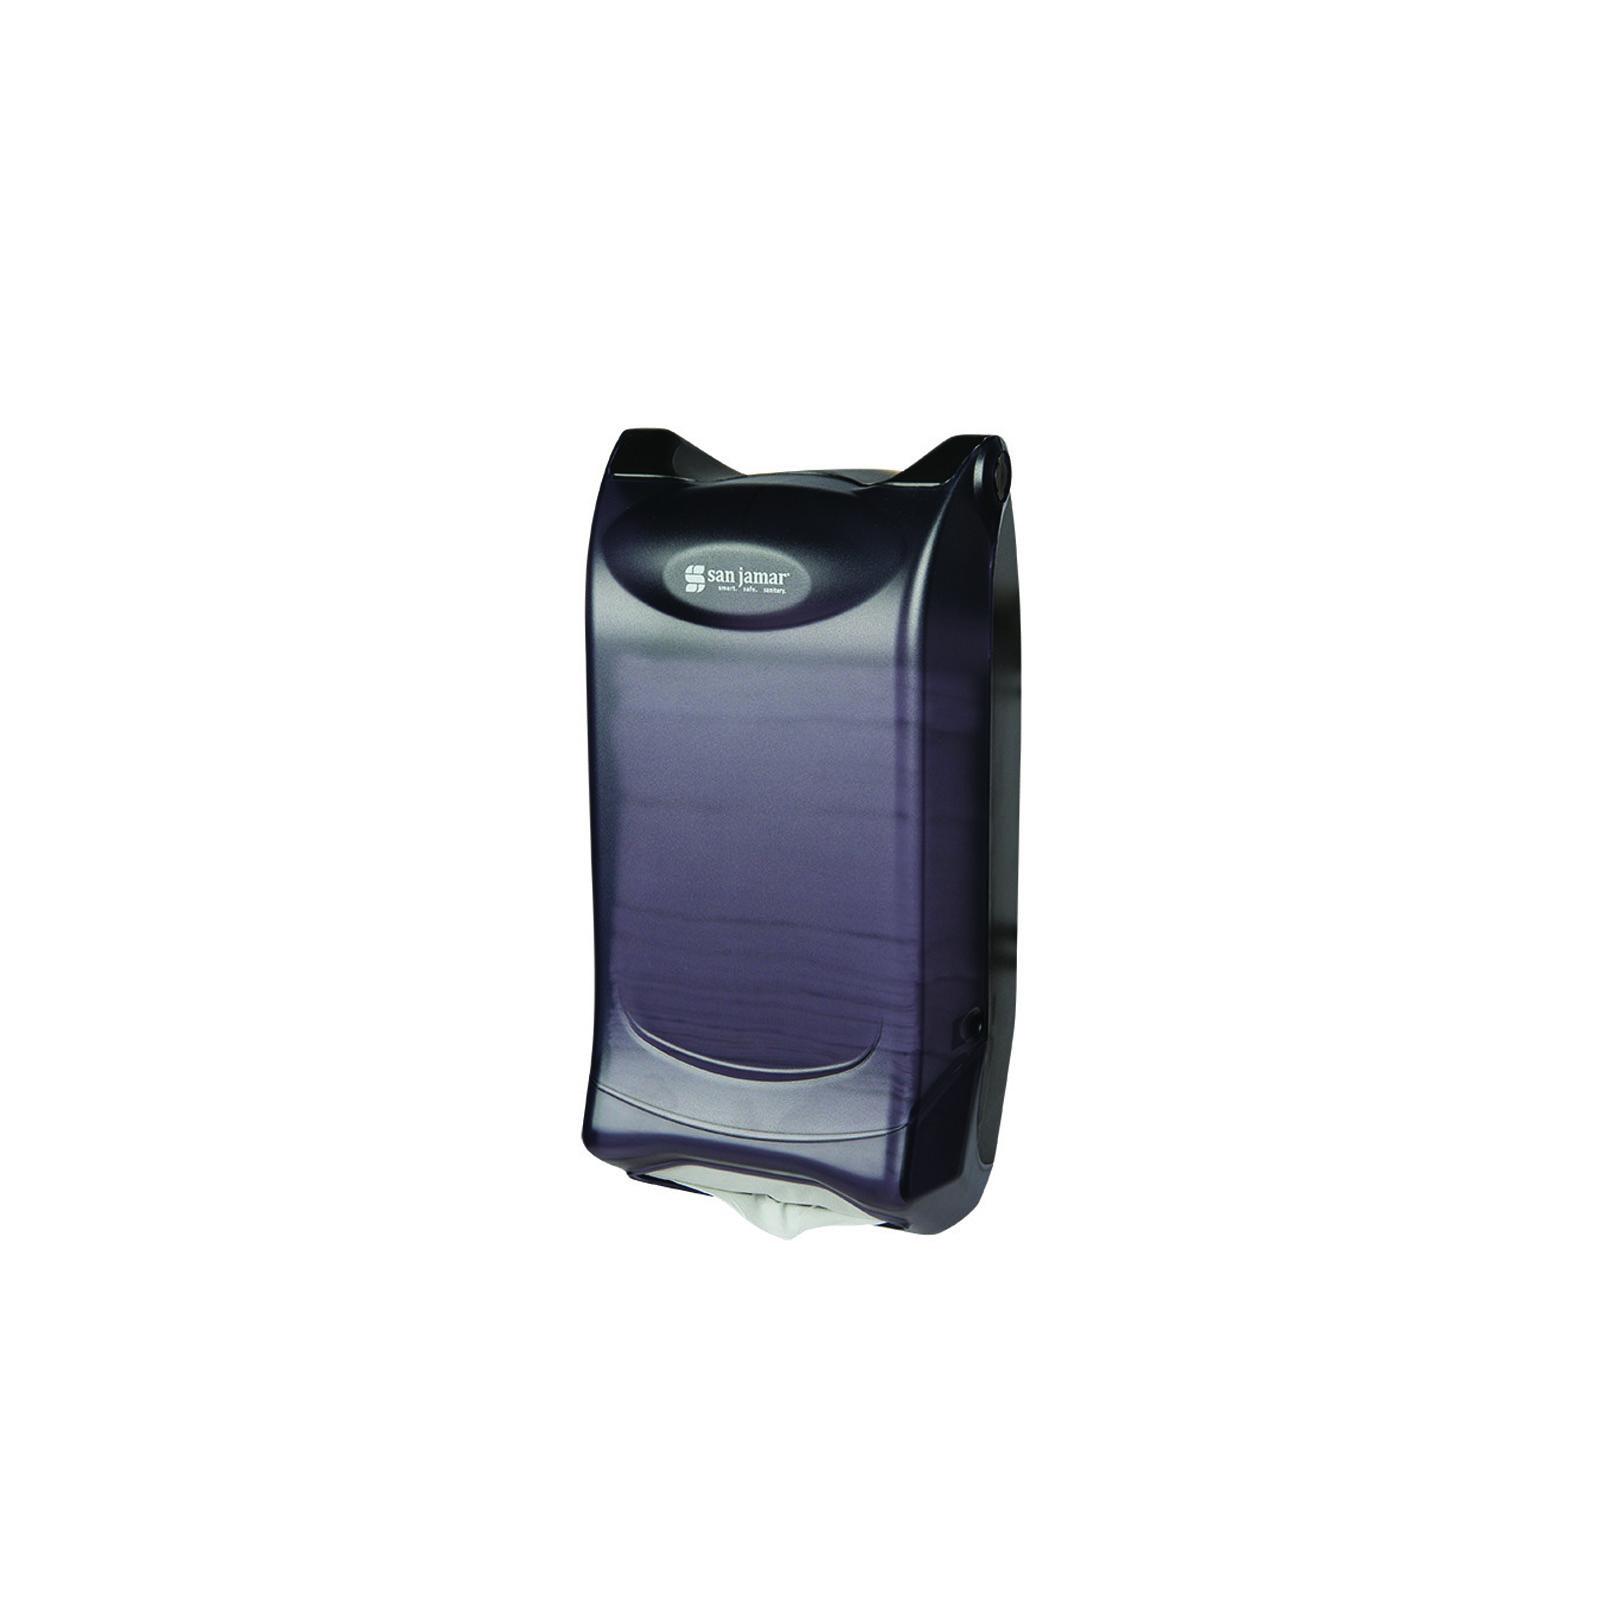 San Jamar H5005PTBK paper napkin dispenser